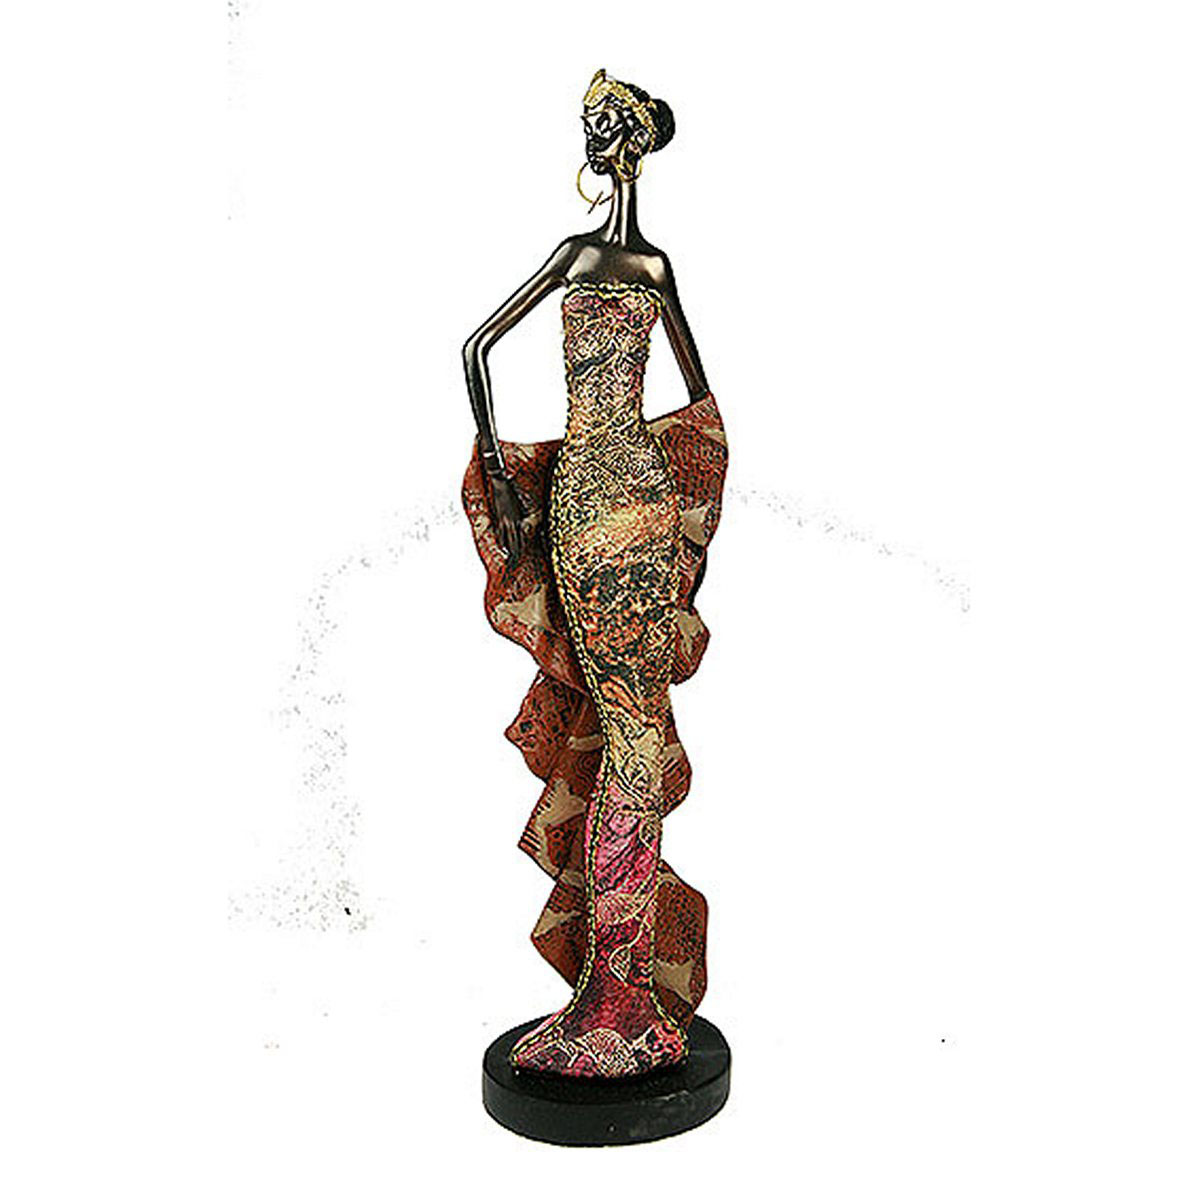 Статуэтка Русские Подарки Африканка, 7 х 9 х 33 см20612Статуэтка Русские Подарки Африканка, изготовленная из полистоуна, имеет изысканный внешний вид. Изделие станет прекрасным украшением интерьера гостиной, офиса или дома. Вы можете поставить статуэтку в любое место, где она будет удачно смотреться и радовать глаз. Правила ухода: регулярно вытирать пыль сухой, мягкой тканью.